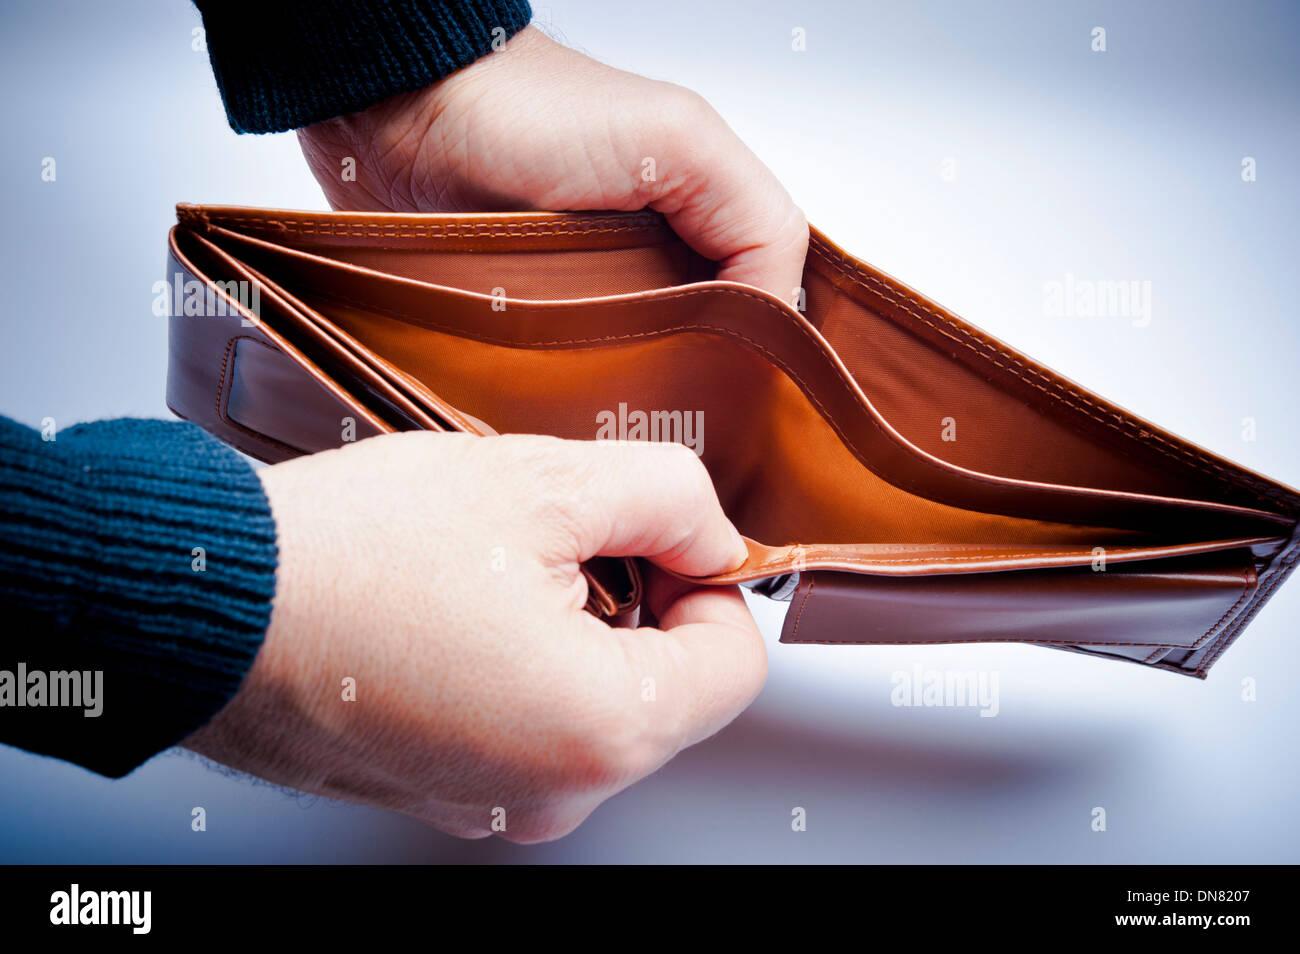 Mann zeigt eine leere Geldbörse Stockbild